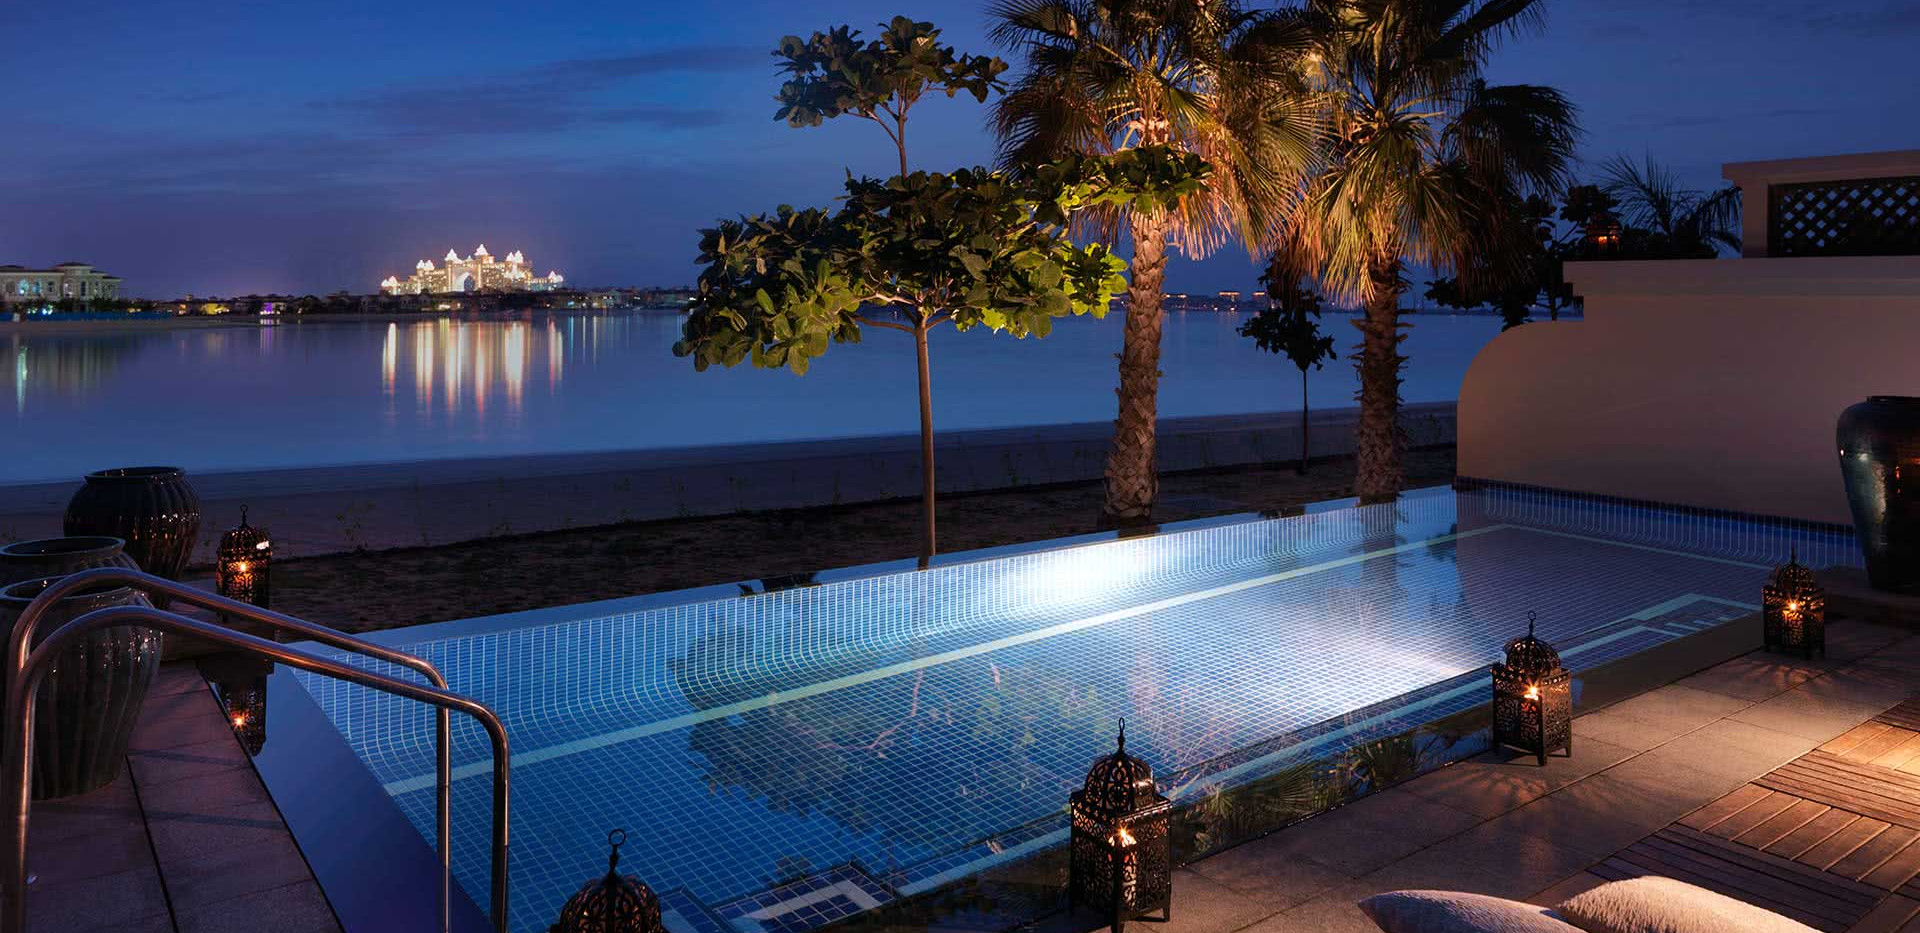 Anantara The Palm Dubai Resort (With vil